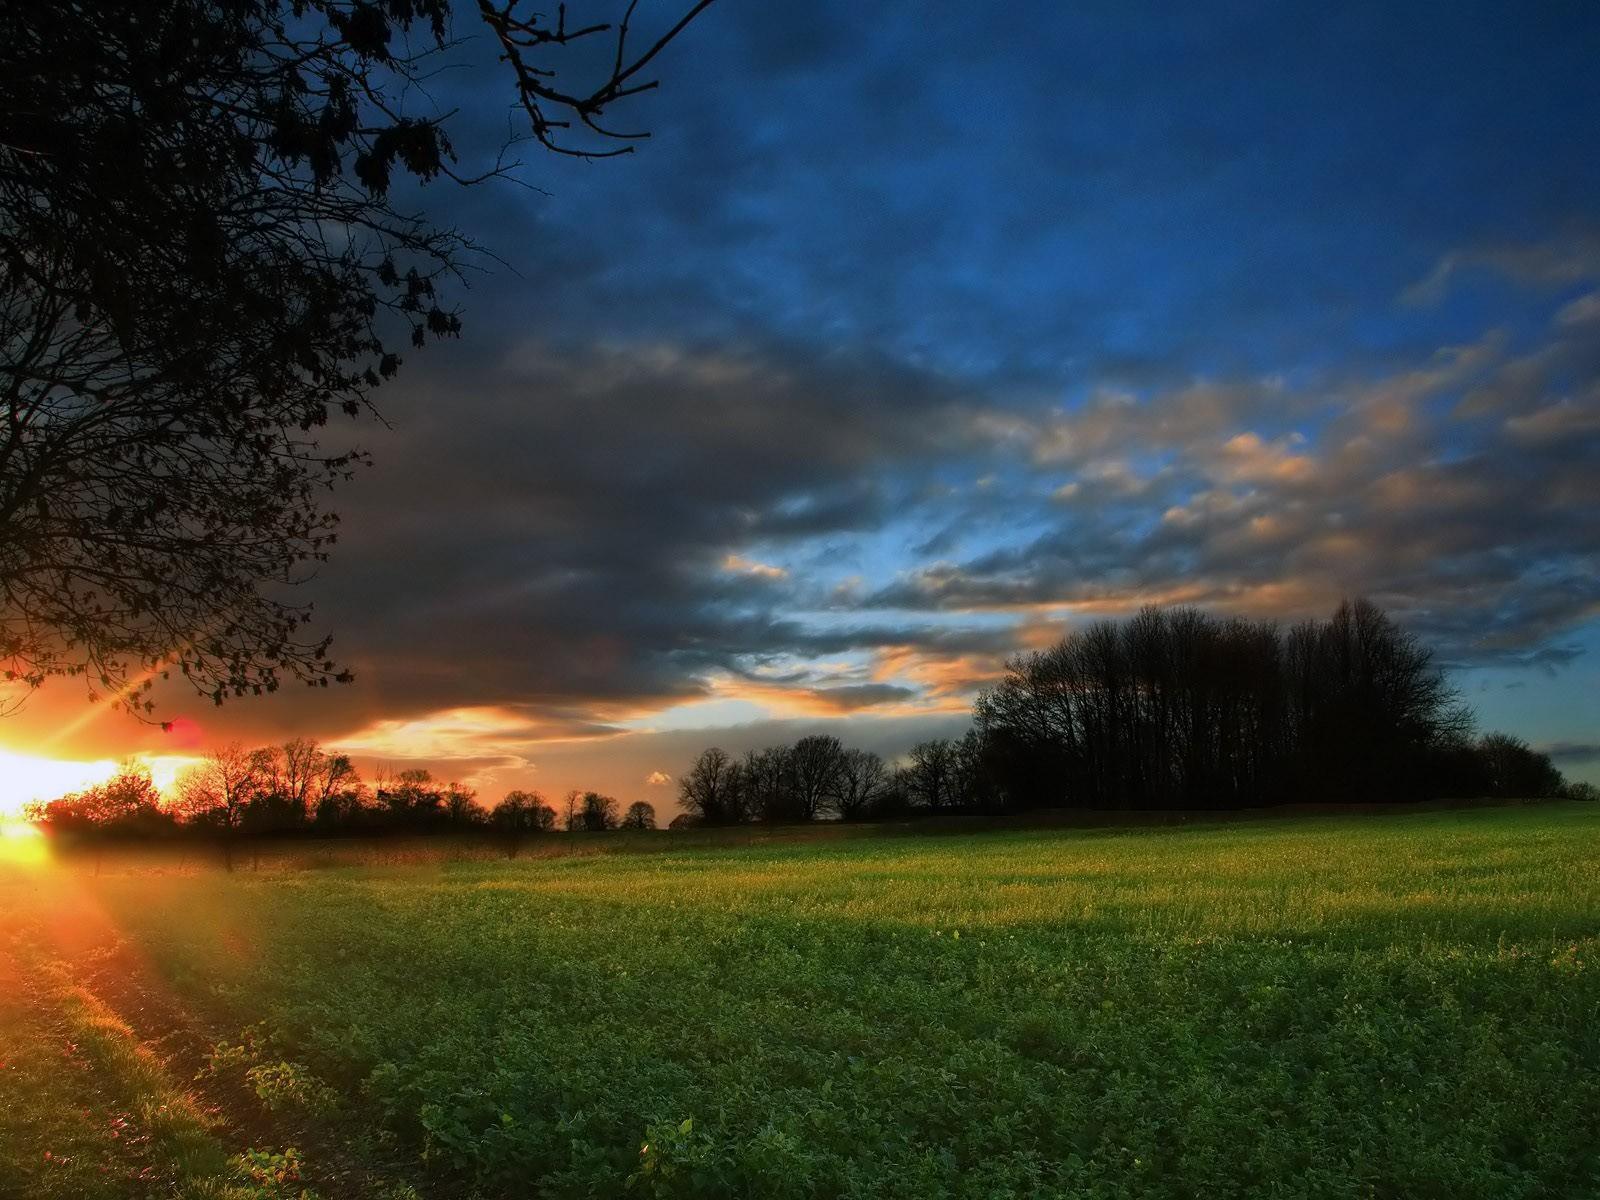 sunset amazing